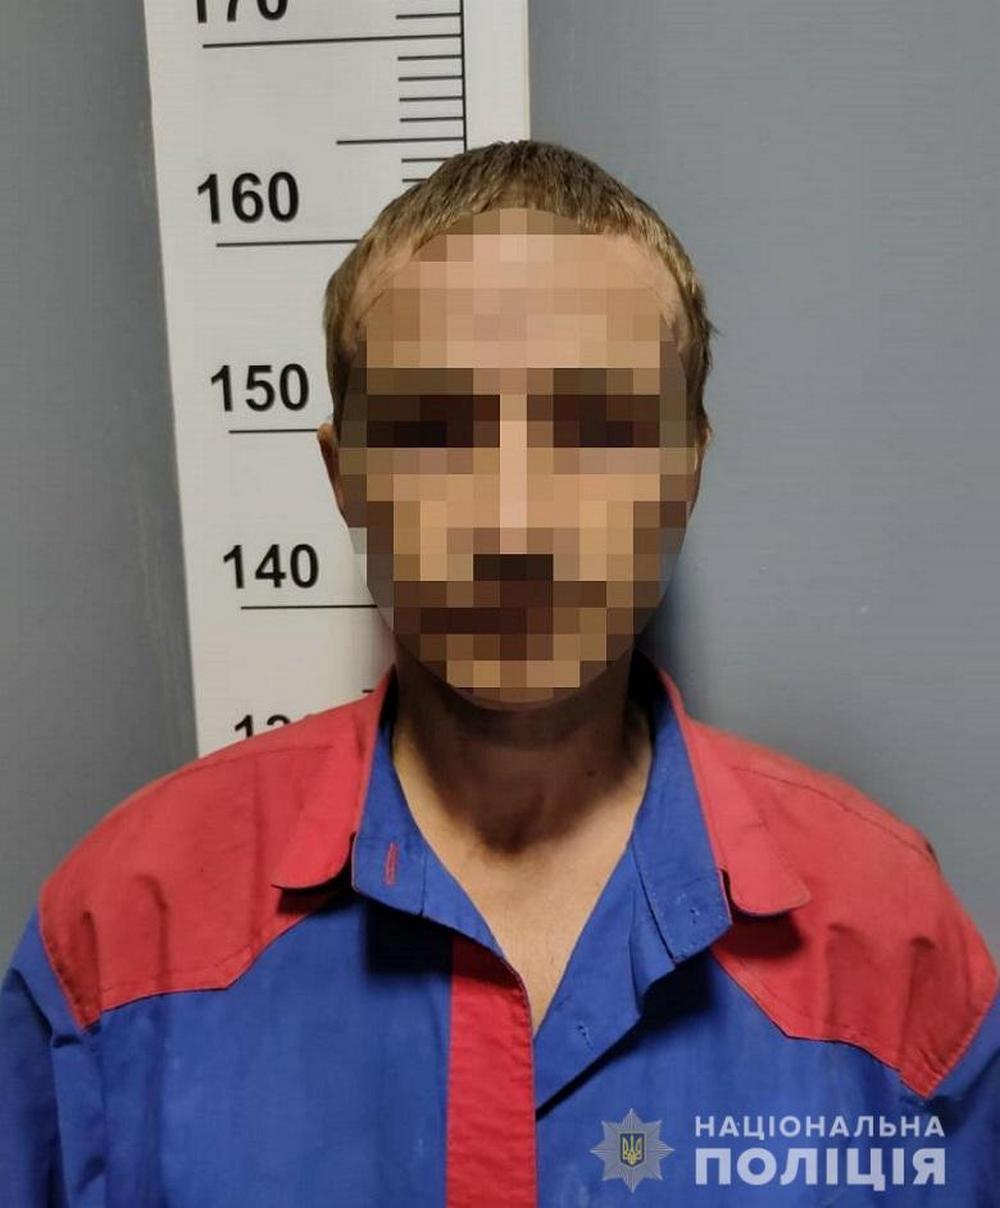 Мужчину приговорили к 3-м годам и 6-ти месяцам тюрьмы